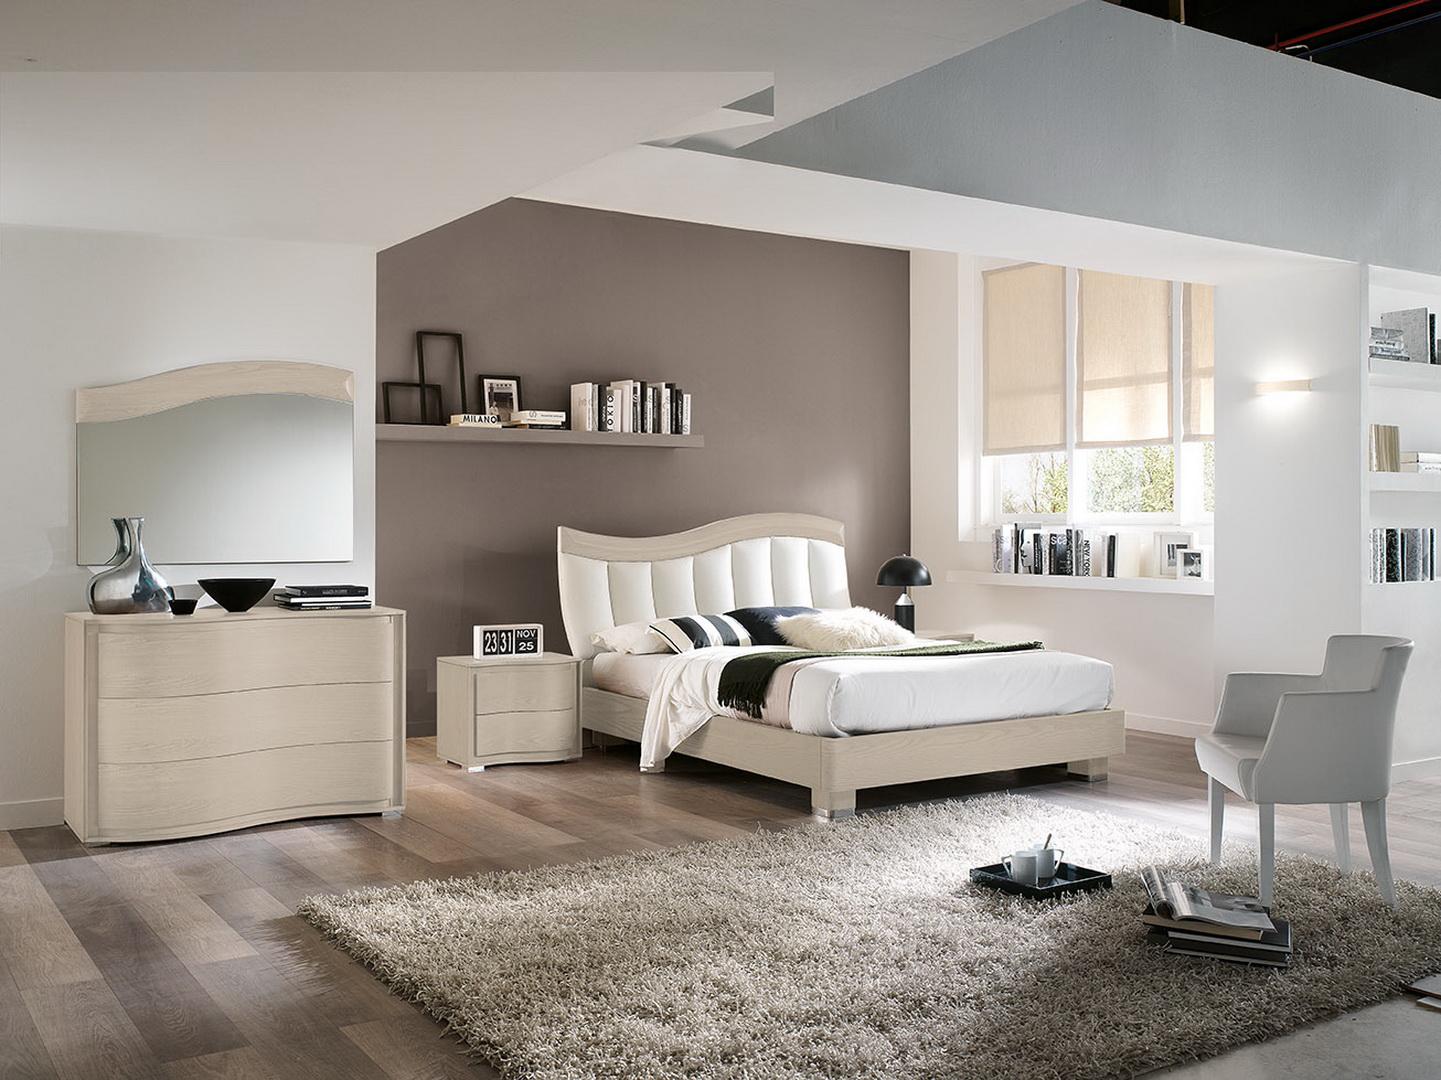 Camera da letto sb10011 c4 home arredamenti cosenza for Arredamenti cosenza